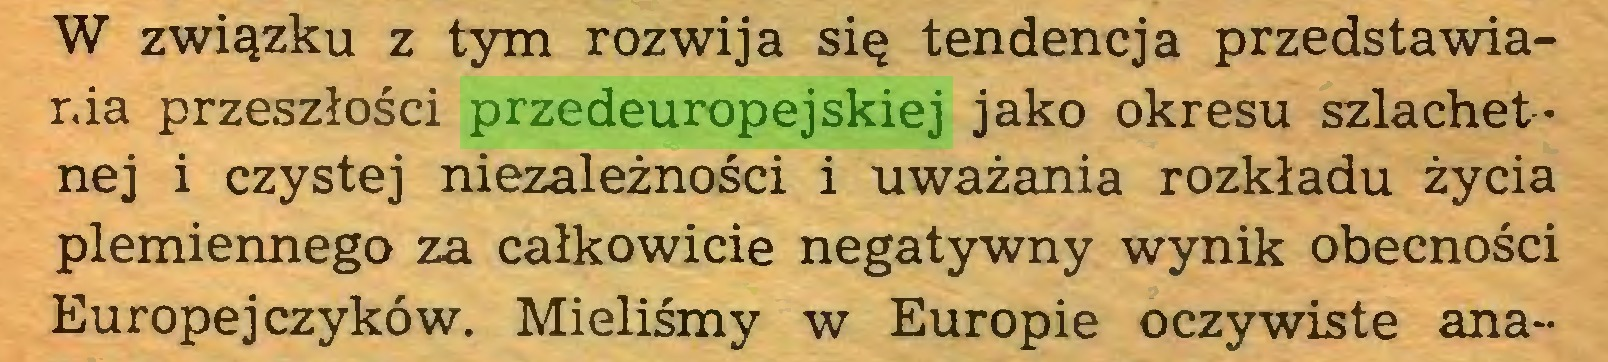 (...) W związku z tym rozwija się tendencja przedstawiania przeszłości przedeuropejskiej jako okresu szlachetnej i czystej niezależności i uważania rozkładu życia plemiennego za całkowicie negatywny wynik obecności Europejczyków. Mieliśmy w Europie oczywiste ana...